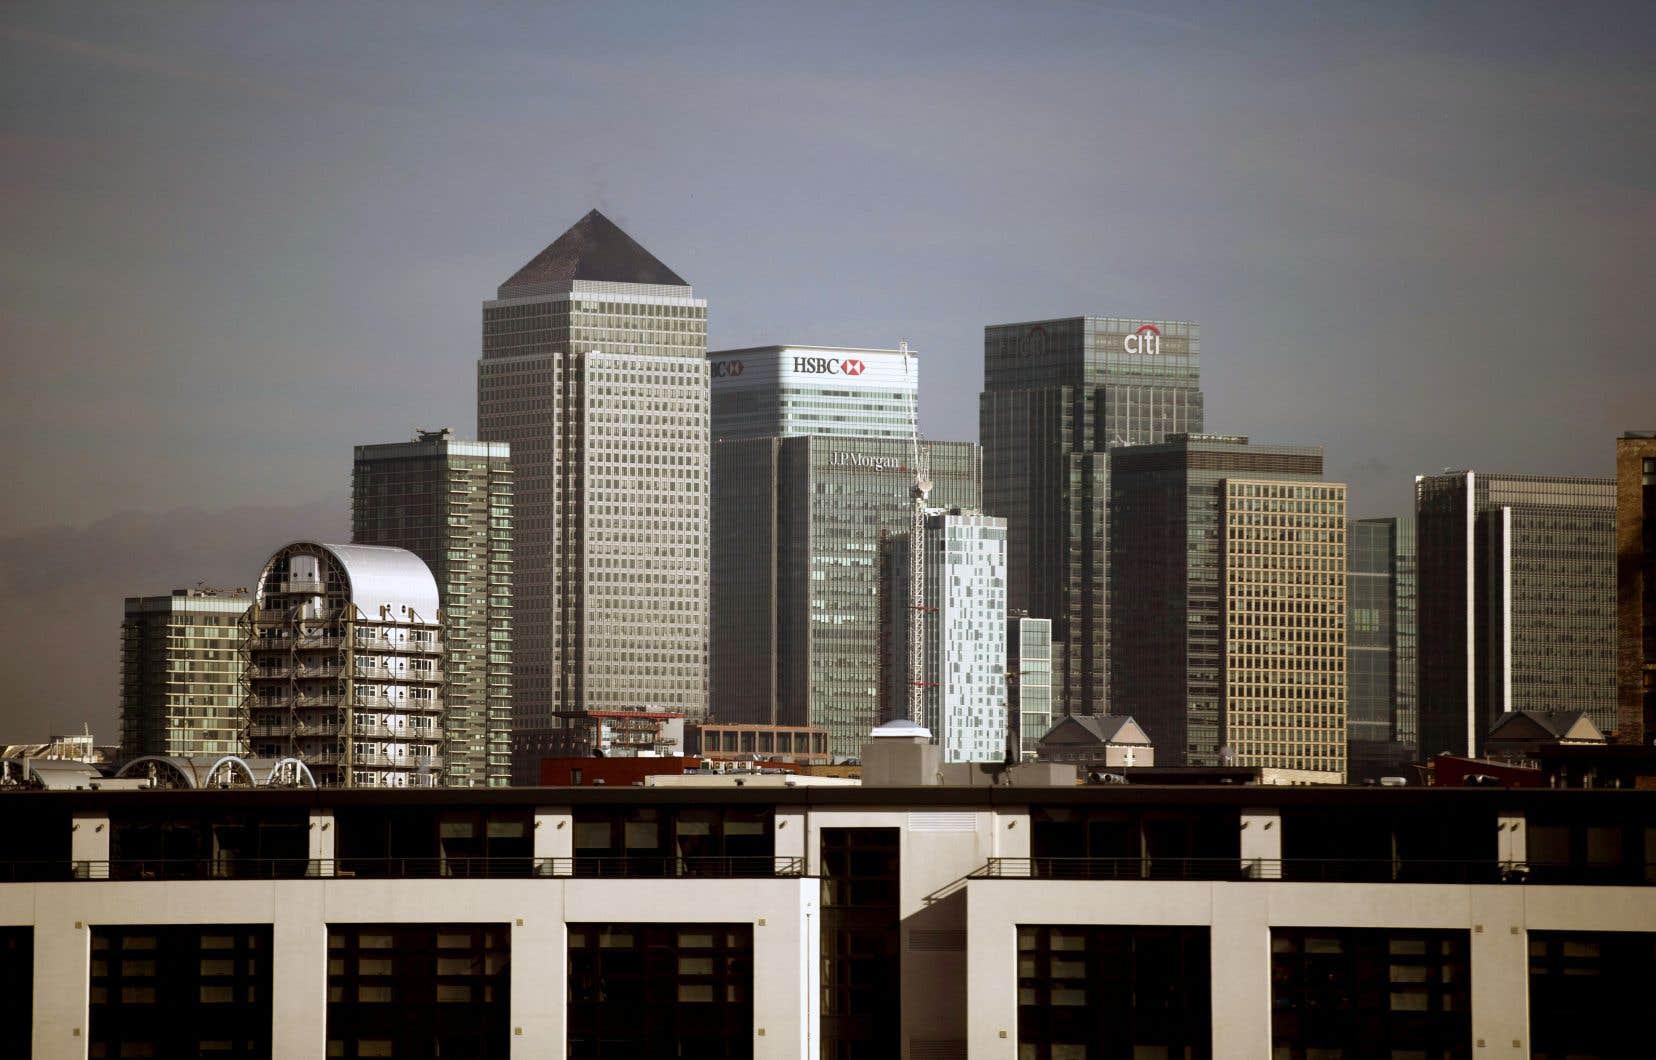 Bank of America et HSBC font notamment partie des banques qui ont prévu de réduire leur périmètre à Londres après le Brexit.